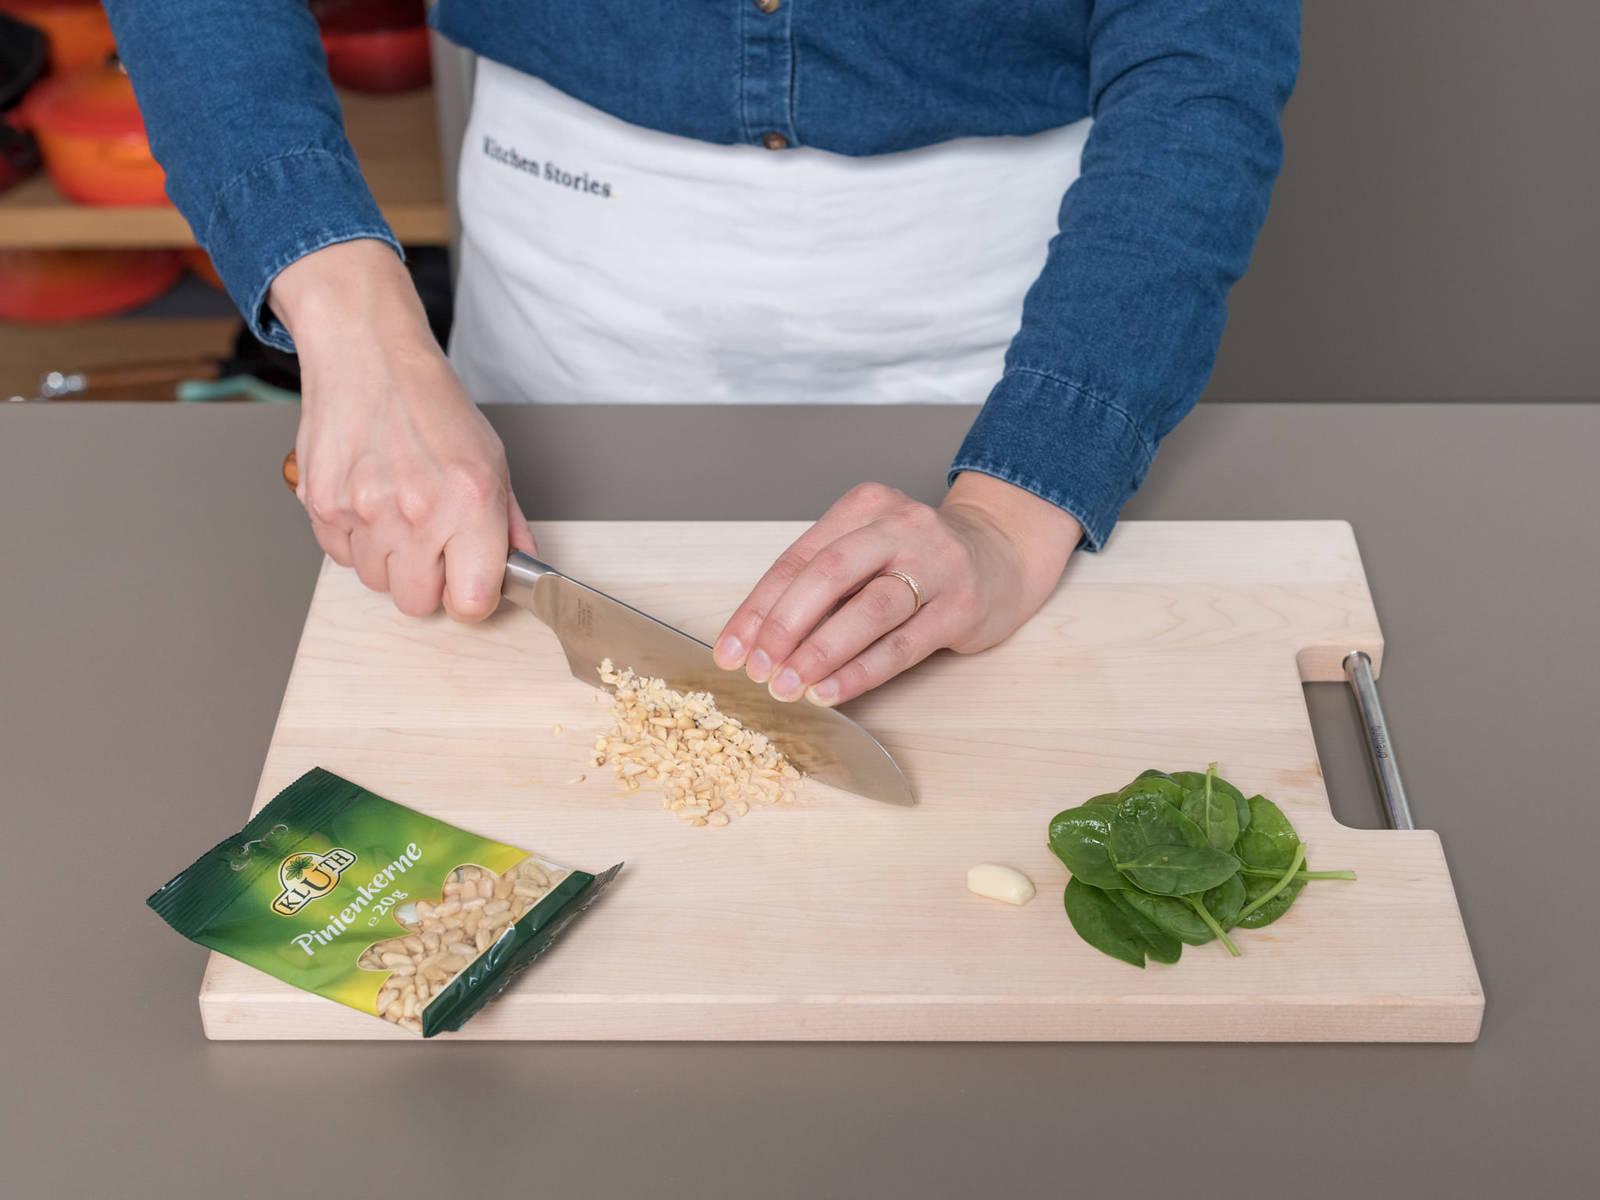 清洗嫩菠菜后滤干。大略剁碎松子。蒜削皮后切片。在煎锅中,中火烘烤松子,然后置于一旁备用。根据包装说明煮通心粉,约需13-14分钟。